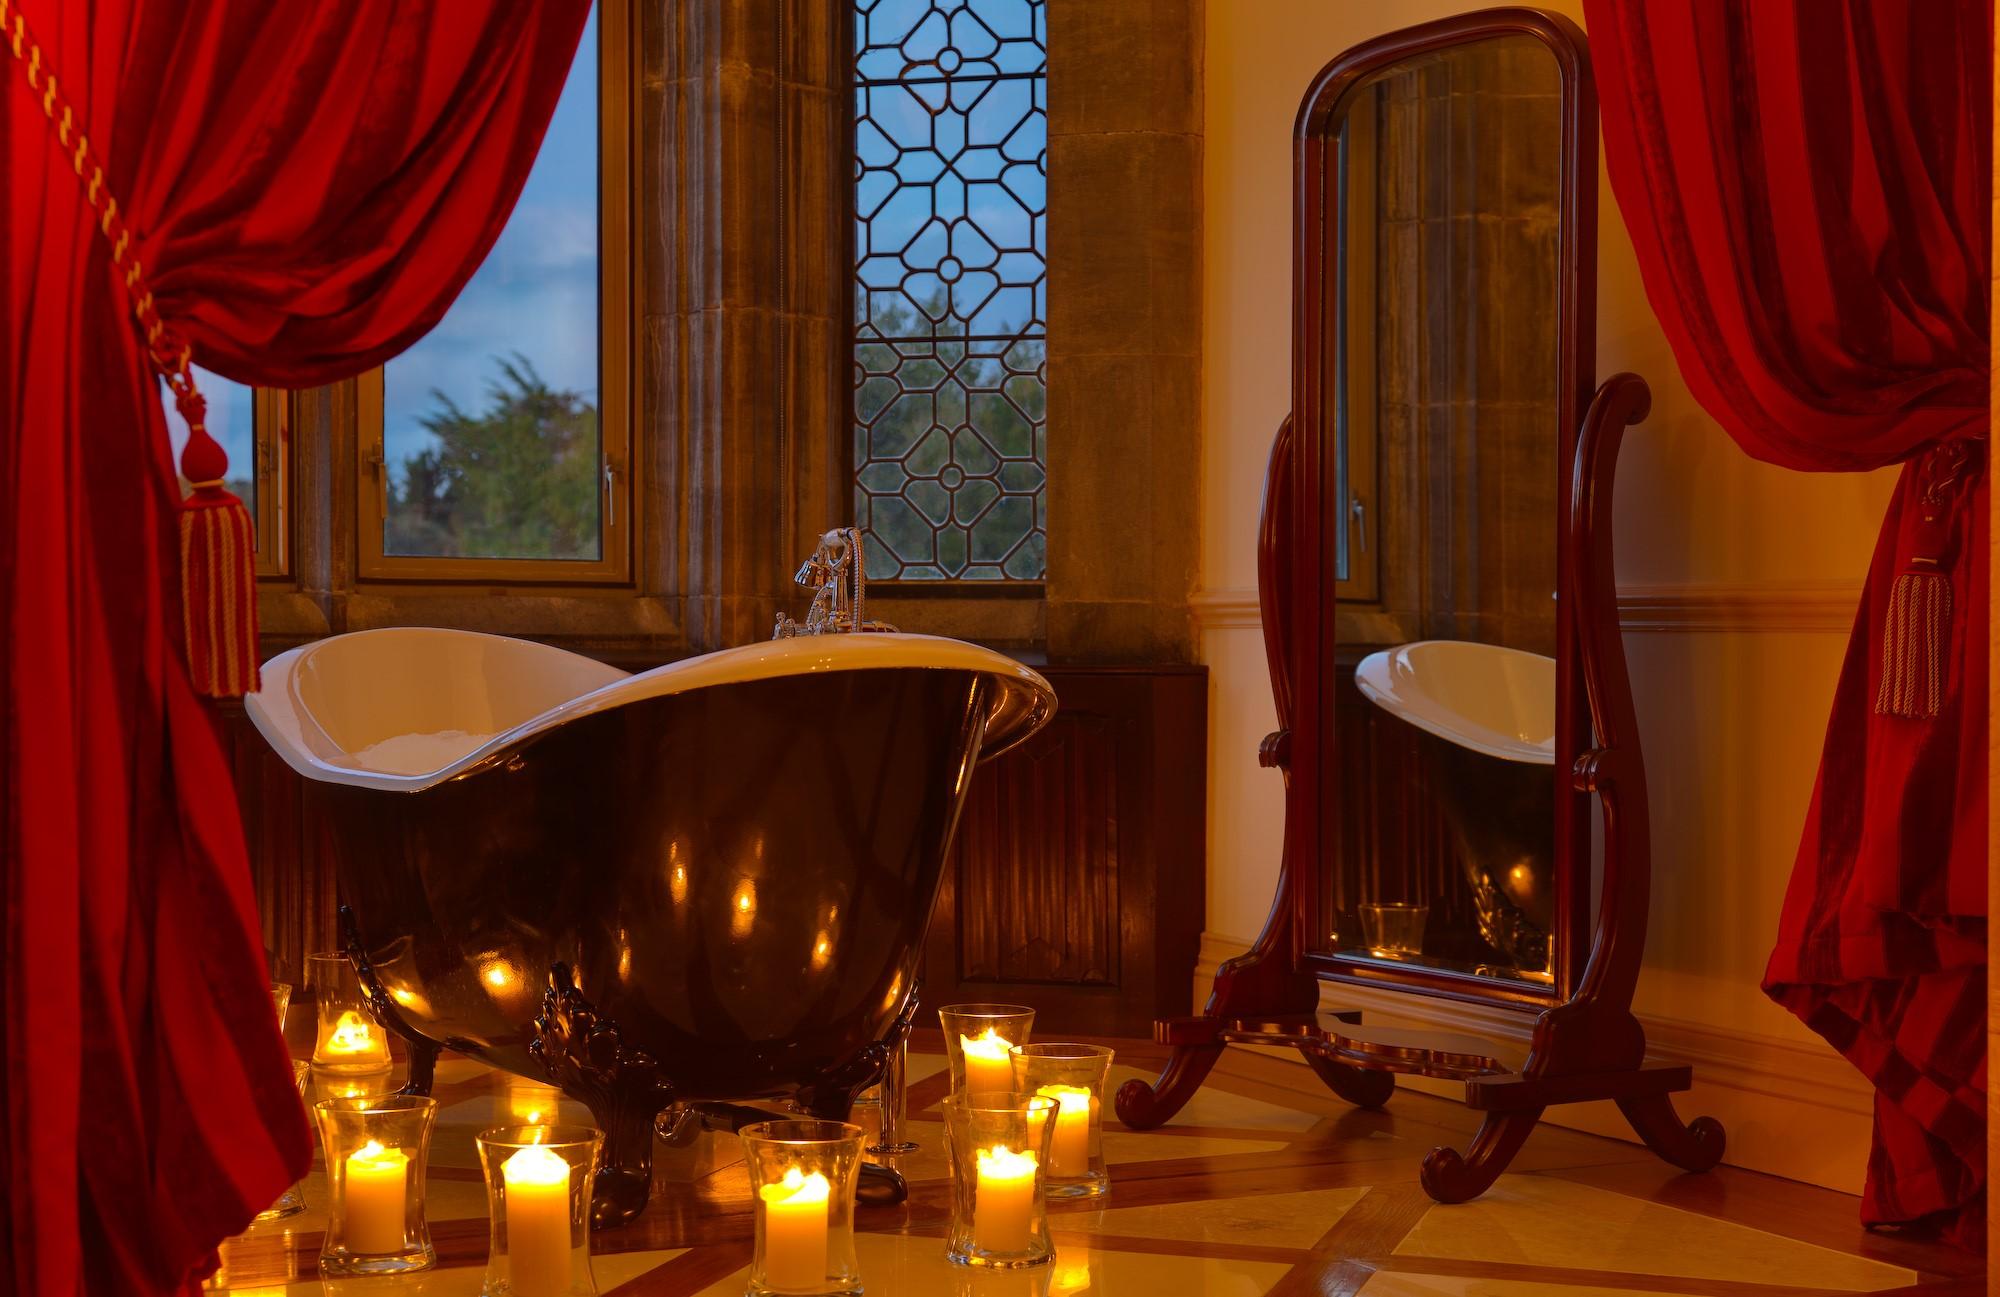 Créez une atmosphère romantique dans la salle de bain pour quelqu'un de spécial.